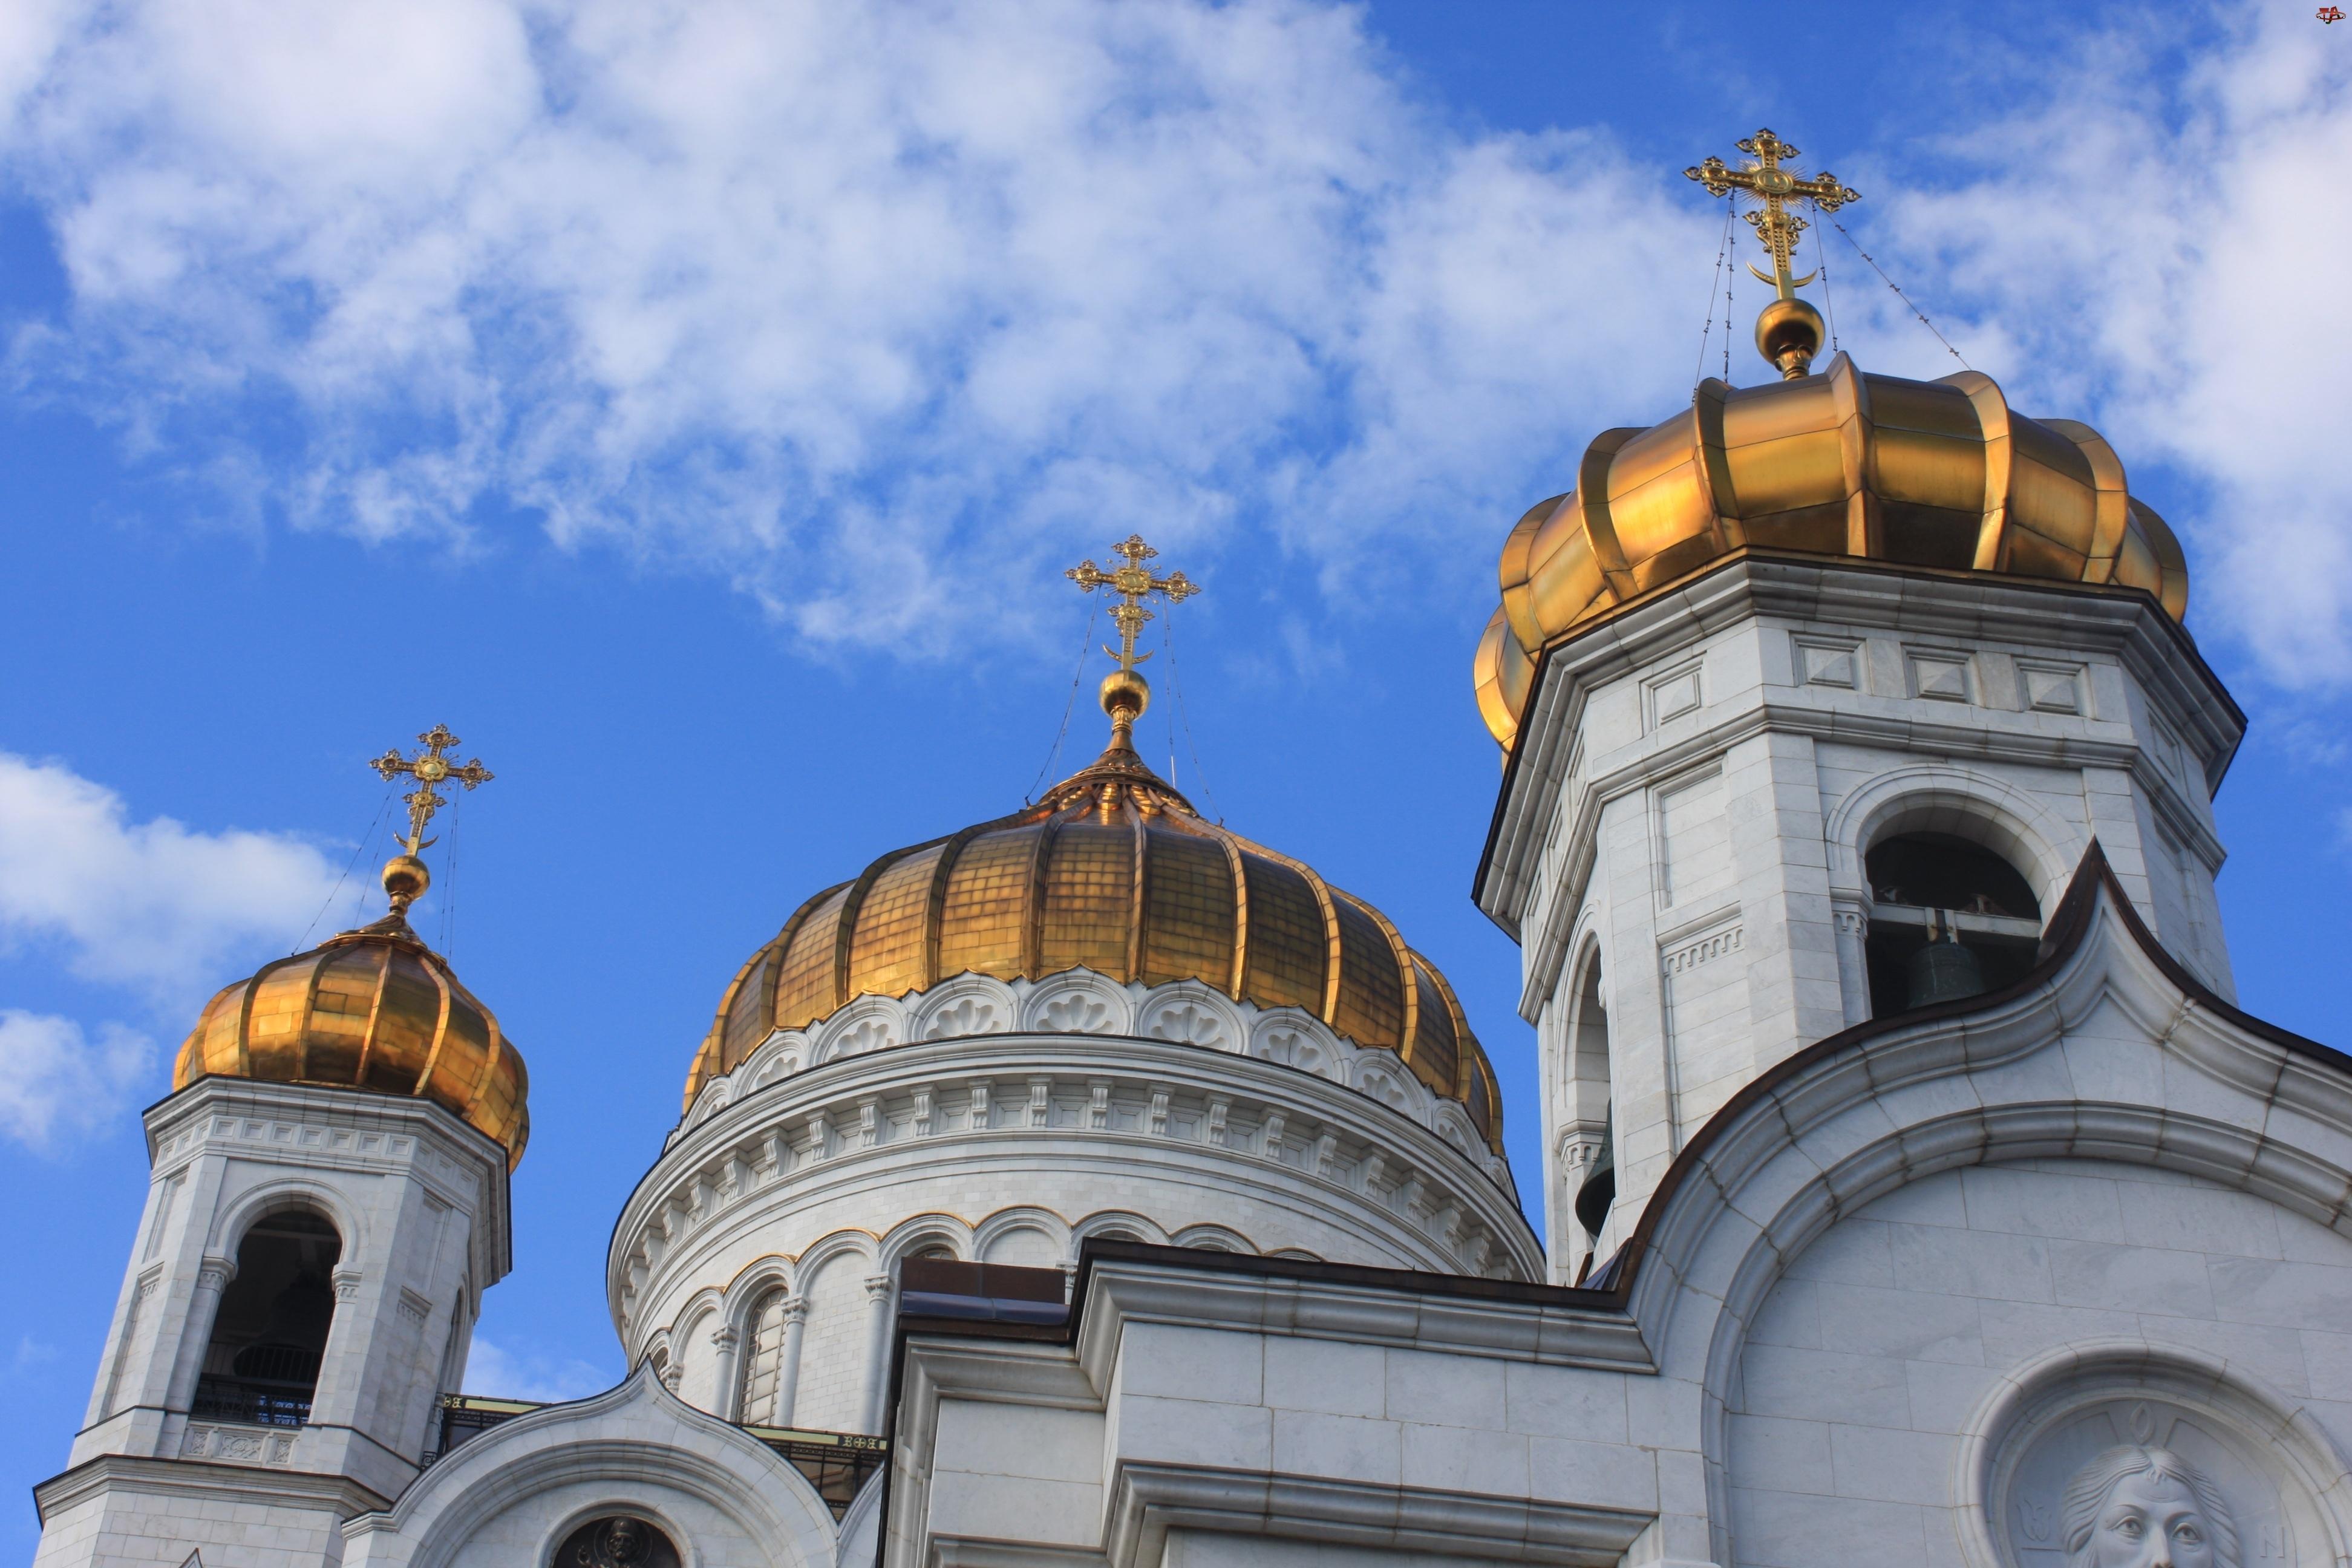 Kopuły, Rosja, Cerkiew Chrystusa Zbawiciela, Moskwa, Cerkiew